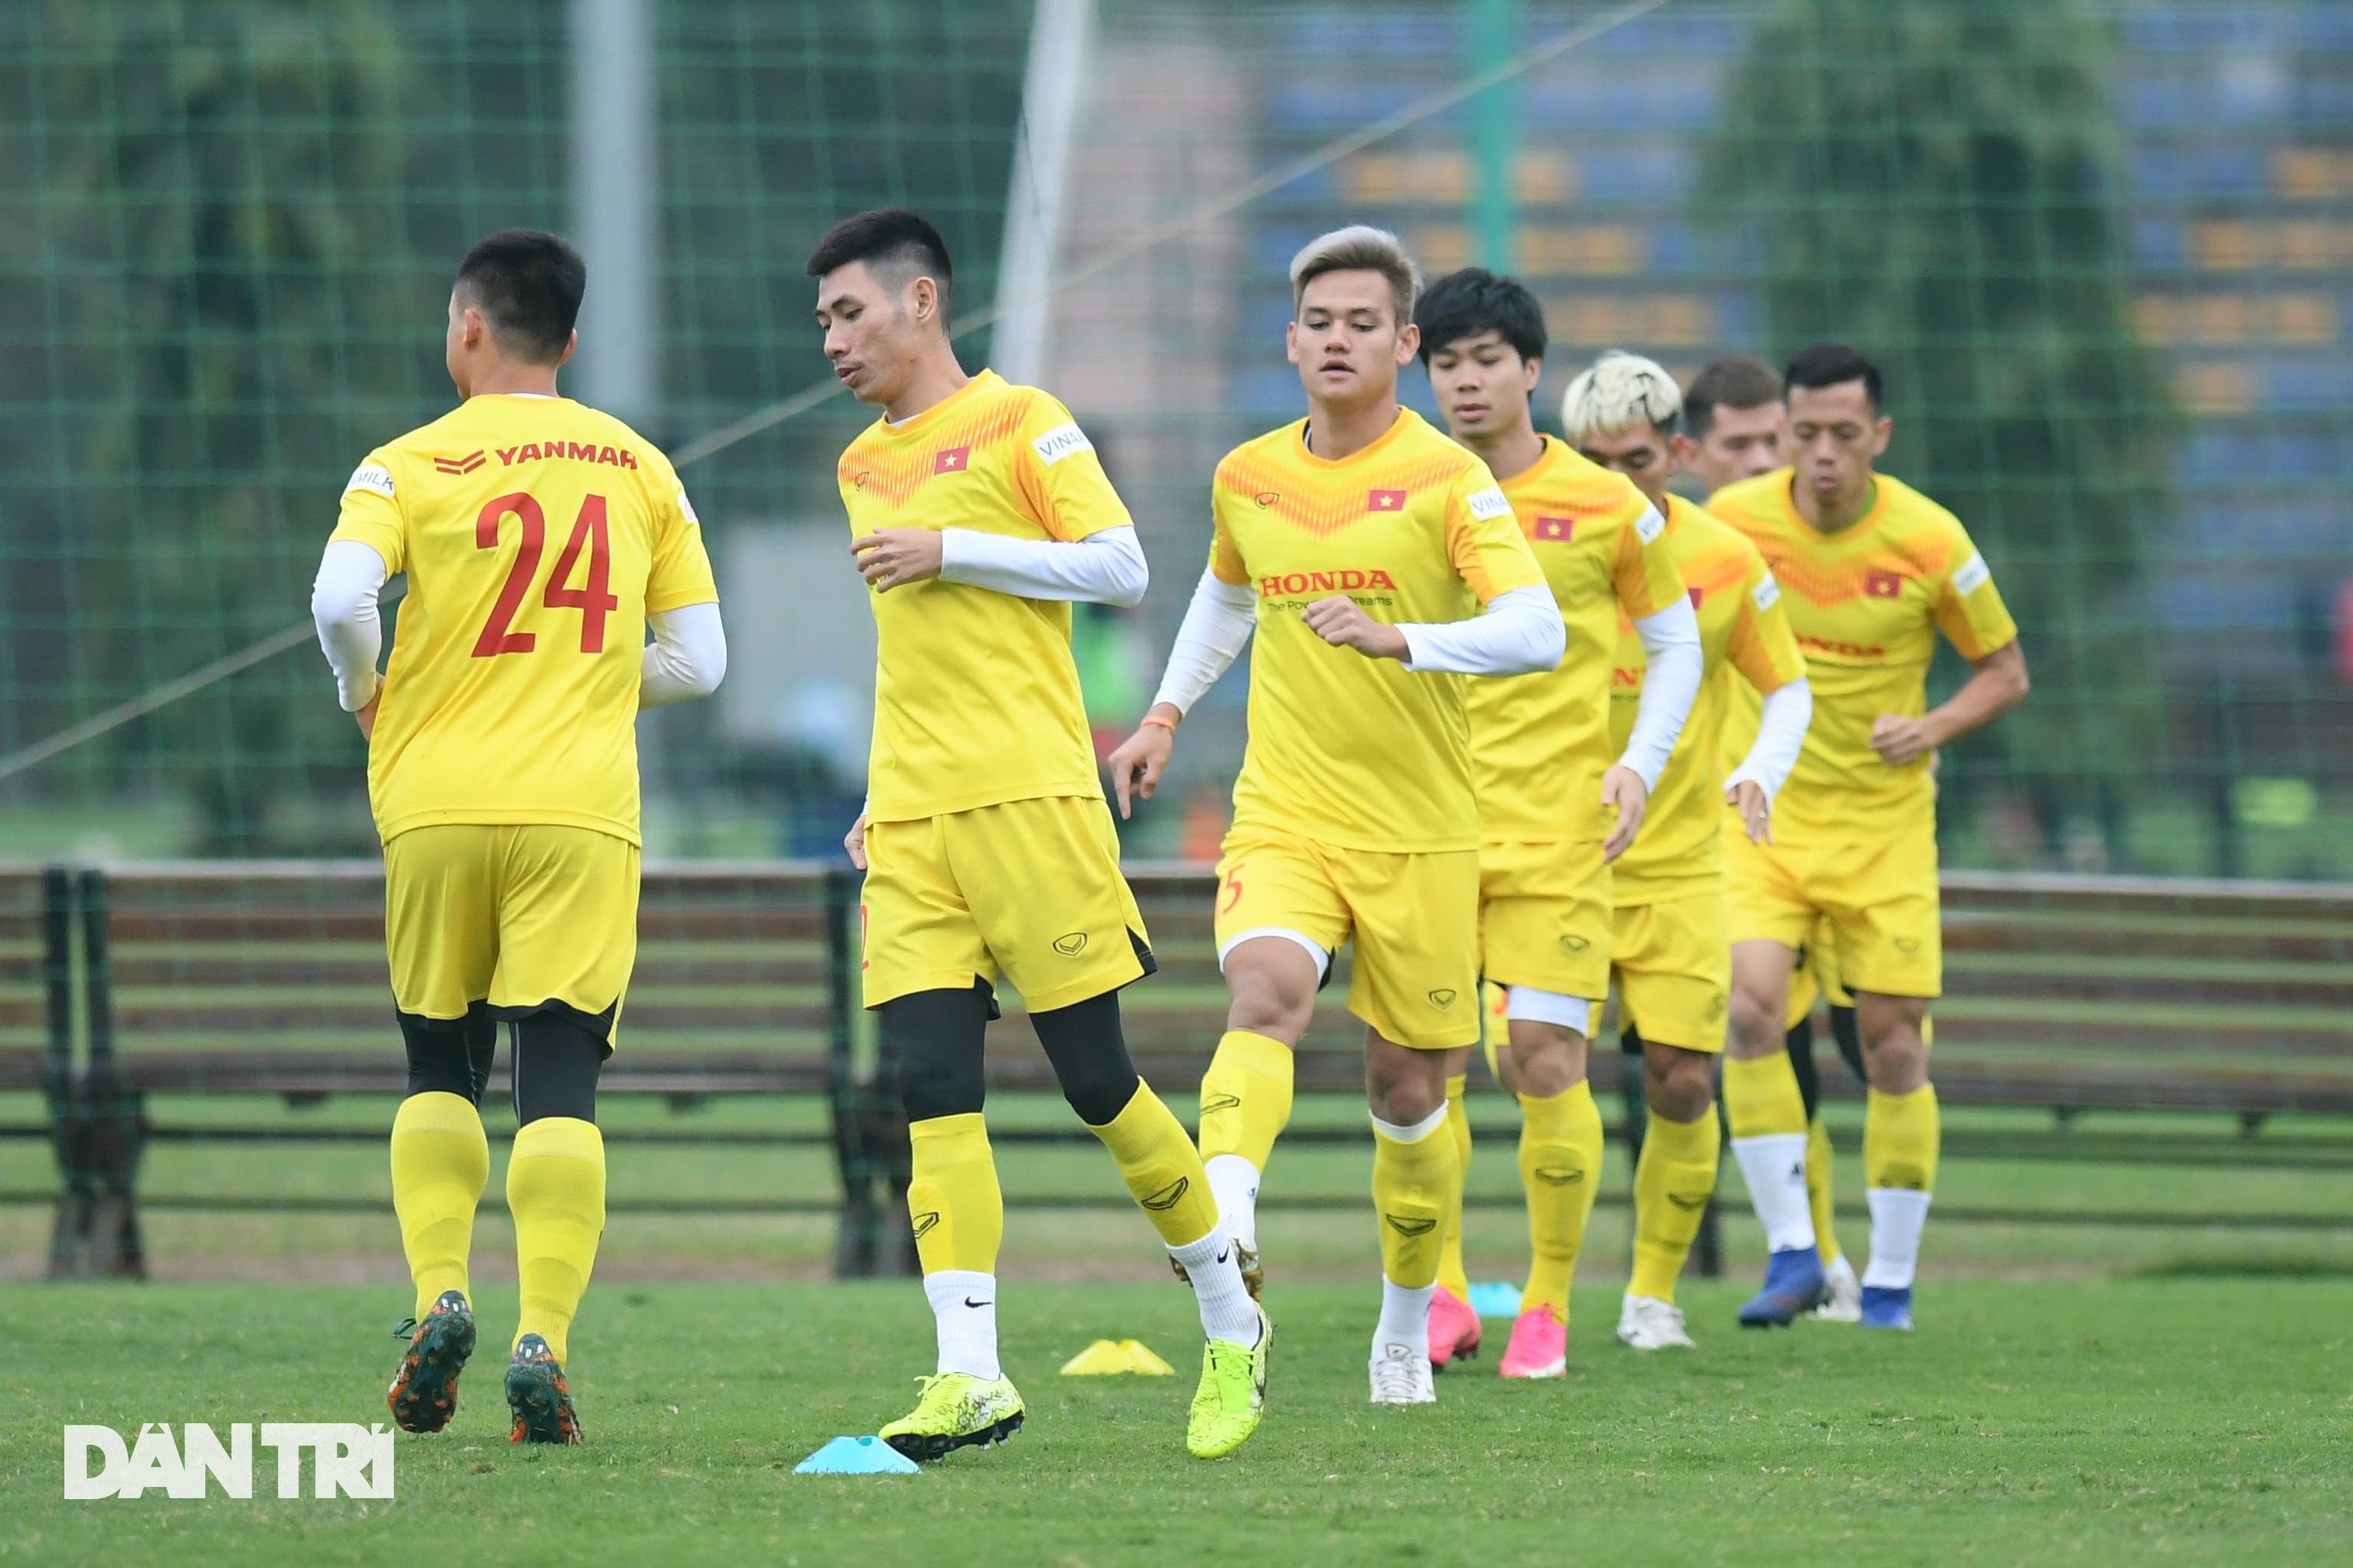 Đội tuyển Việt Nam luyện công trong giá lạnh tại Hà Nội - 10